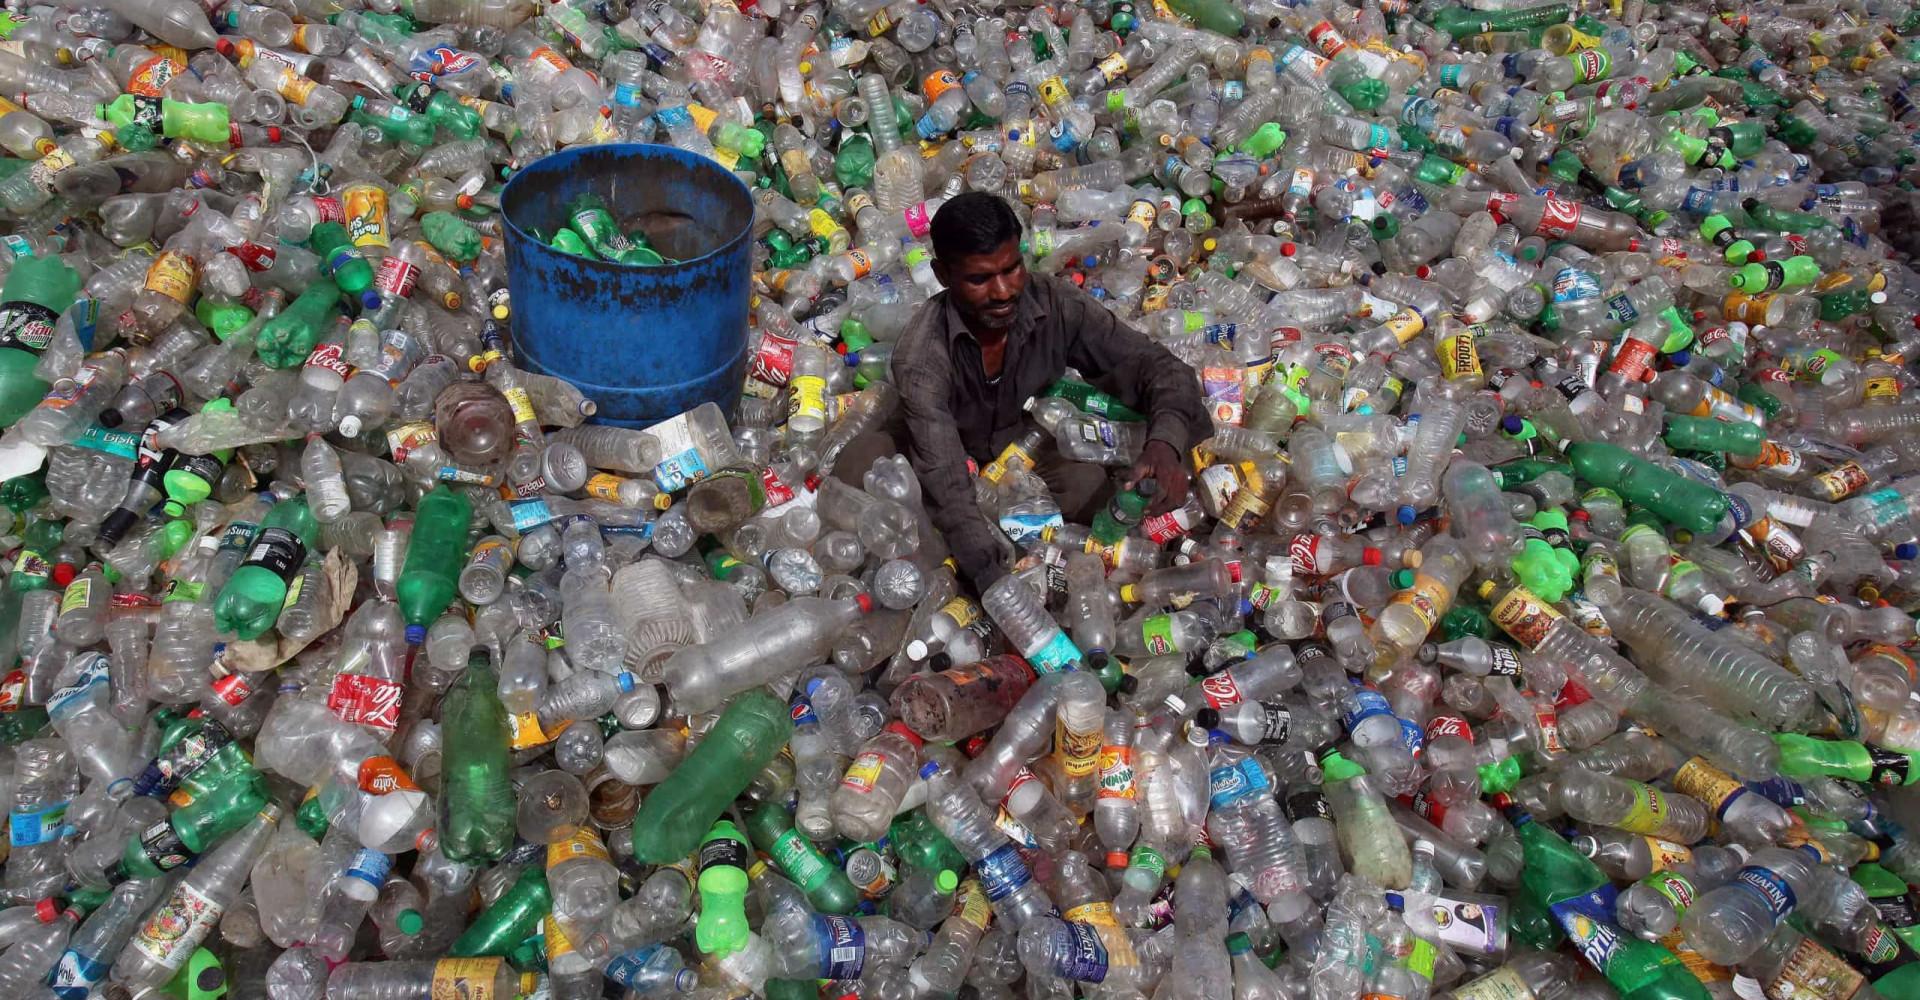 Choquantes images de la pollution autour du monde